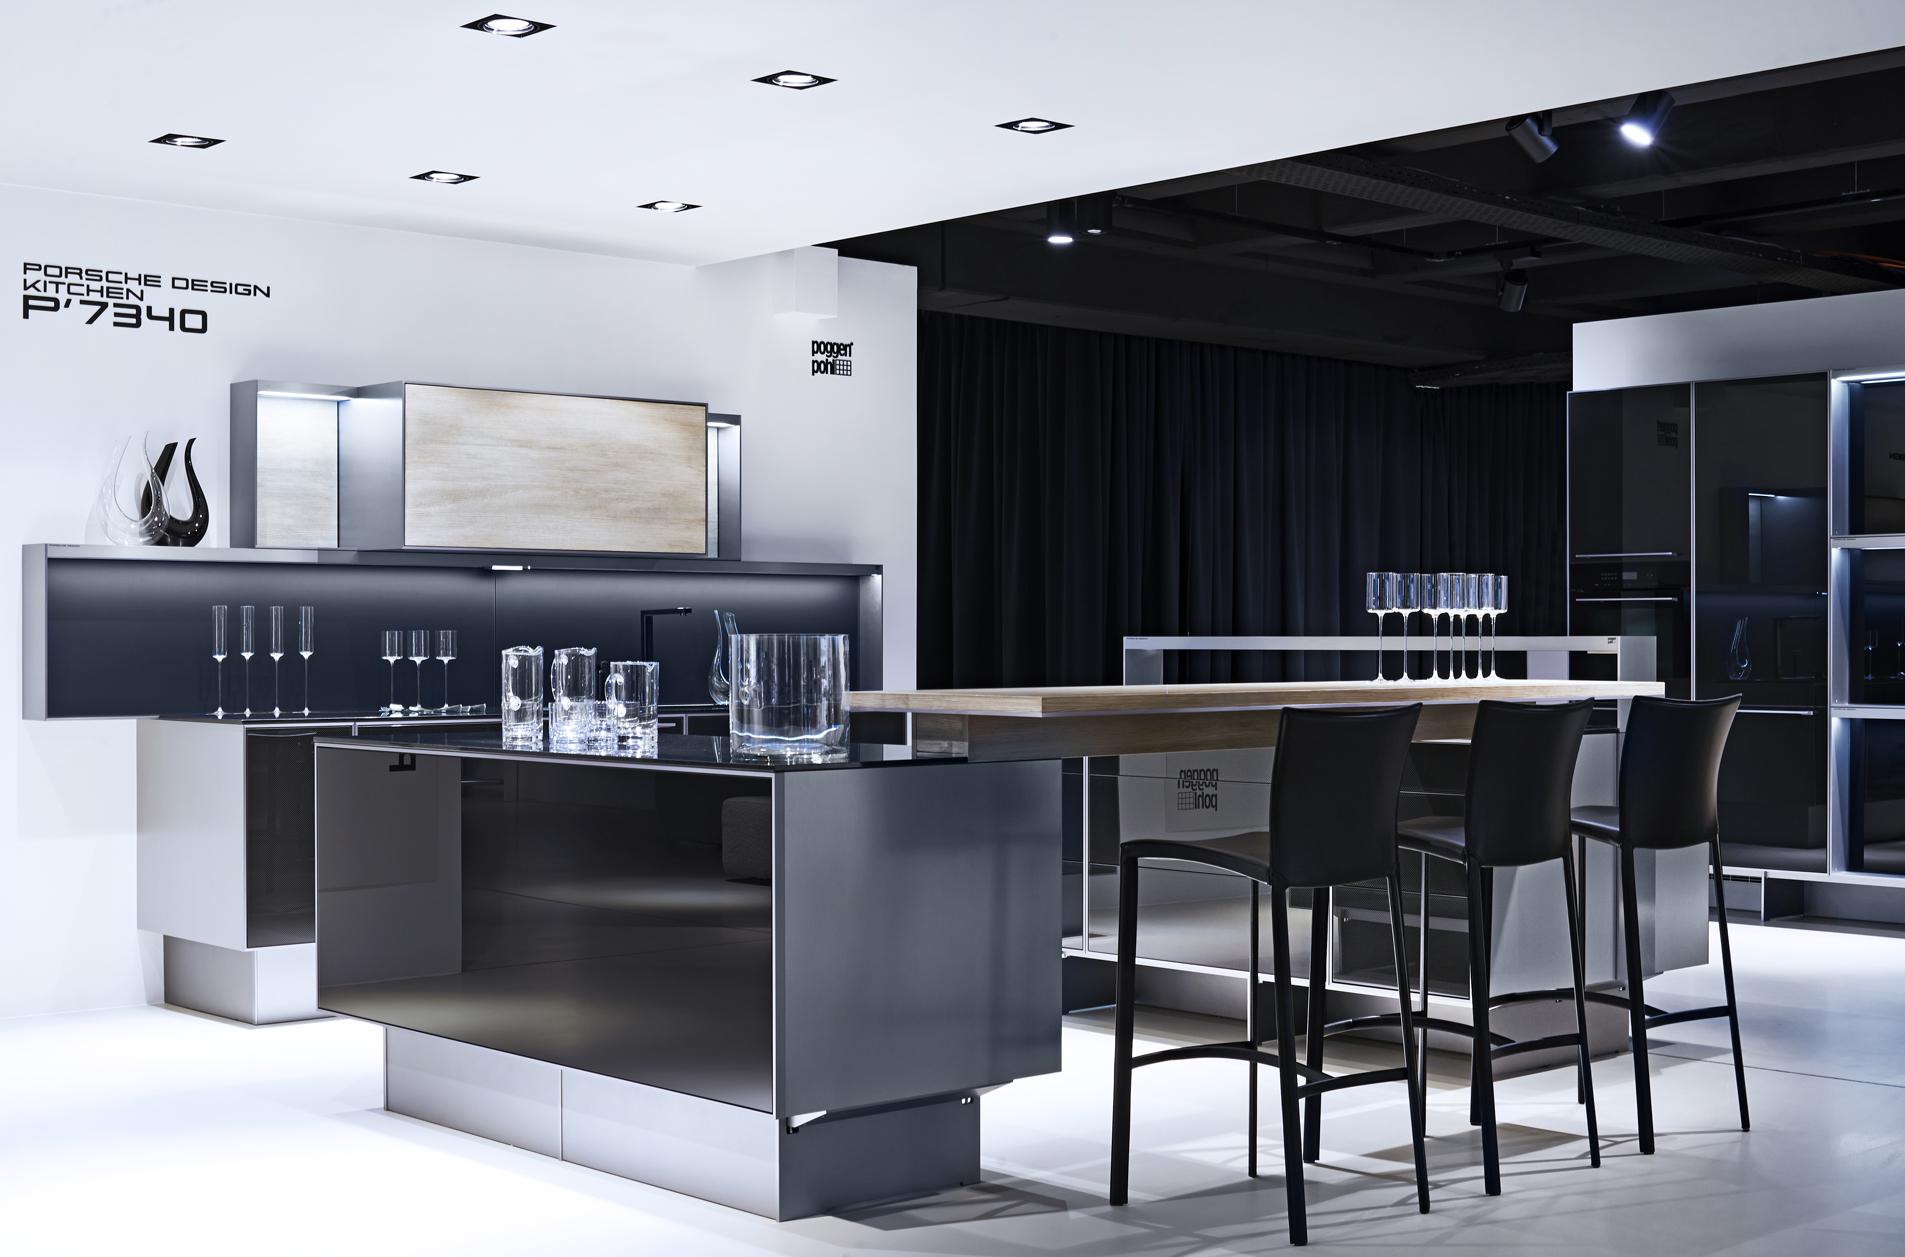 Design keukens startpagina voor vloerbedekking idee n uw for Design keukens